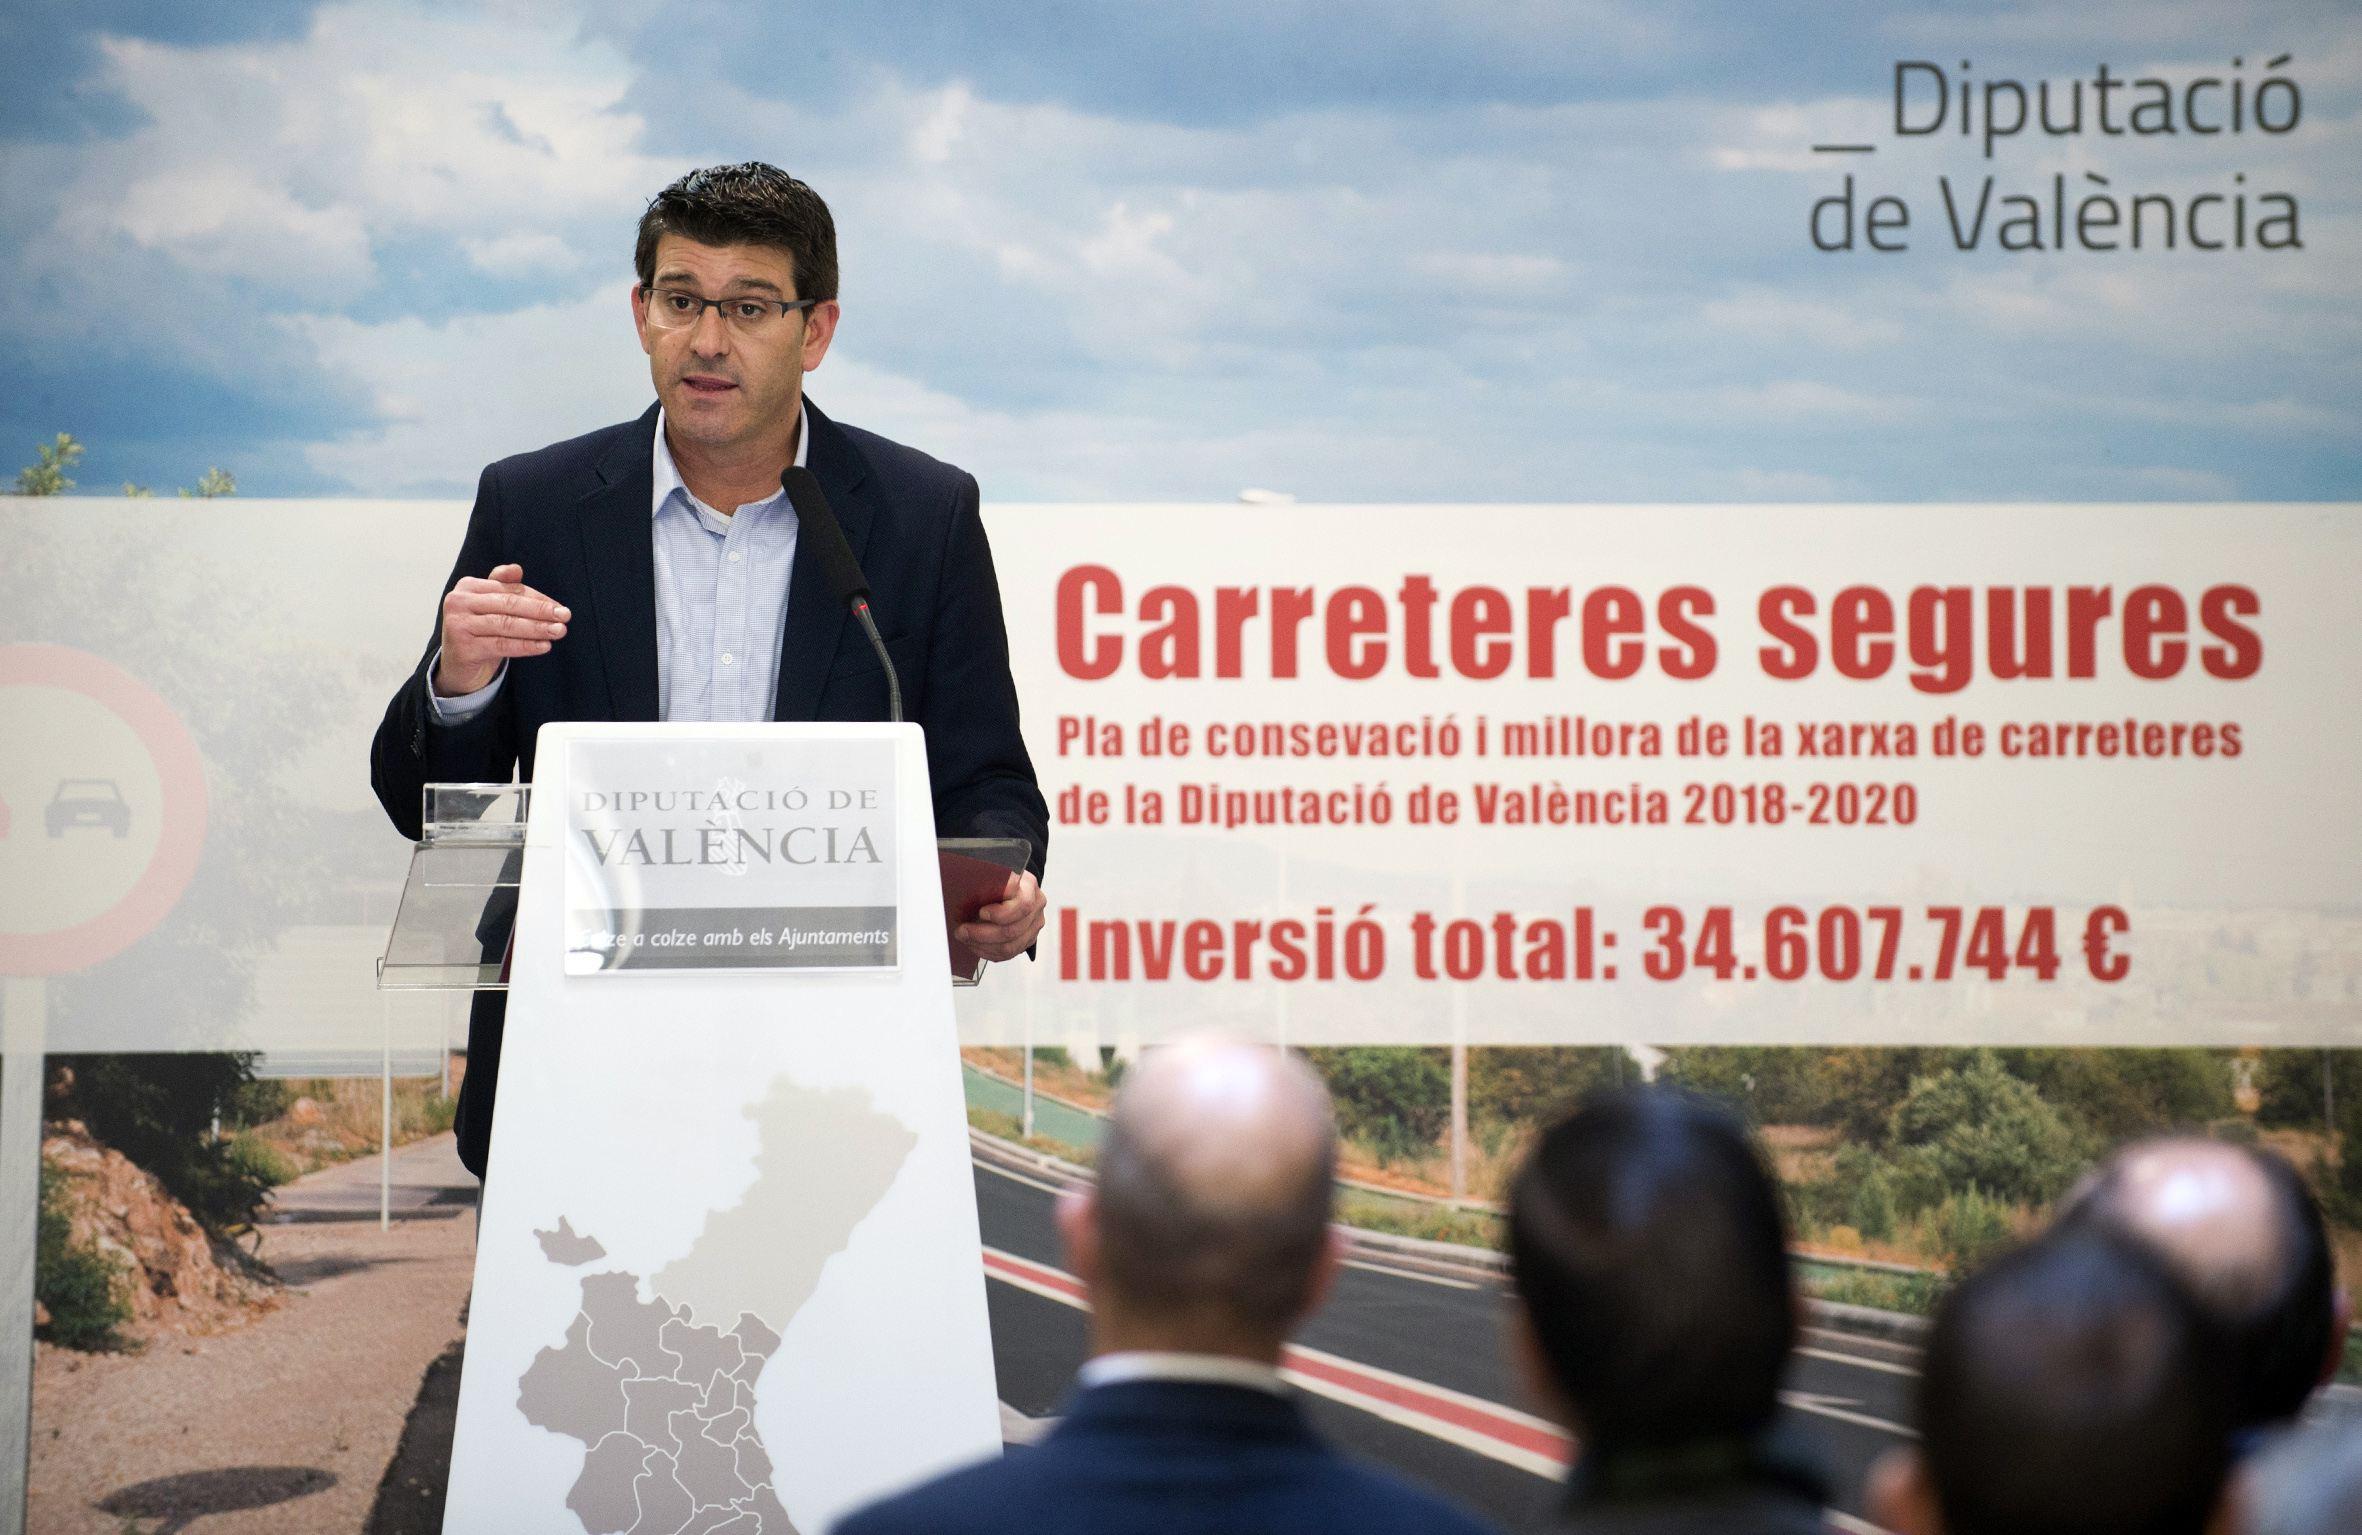 Jorge Rodríguez y Pablo Seguí presentan el nuevo plan de conservación para los próximos tres años.